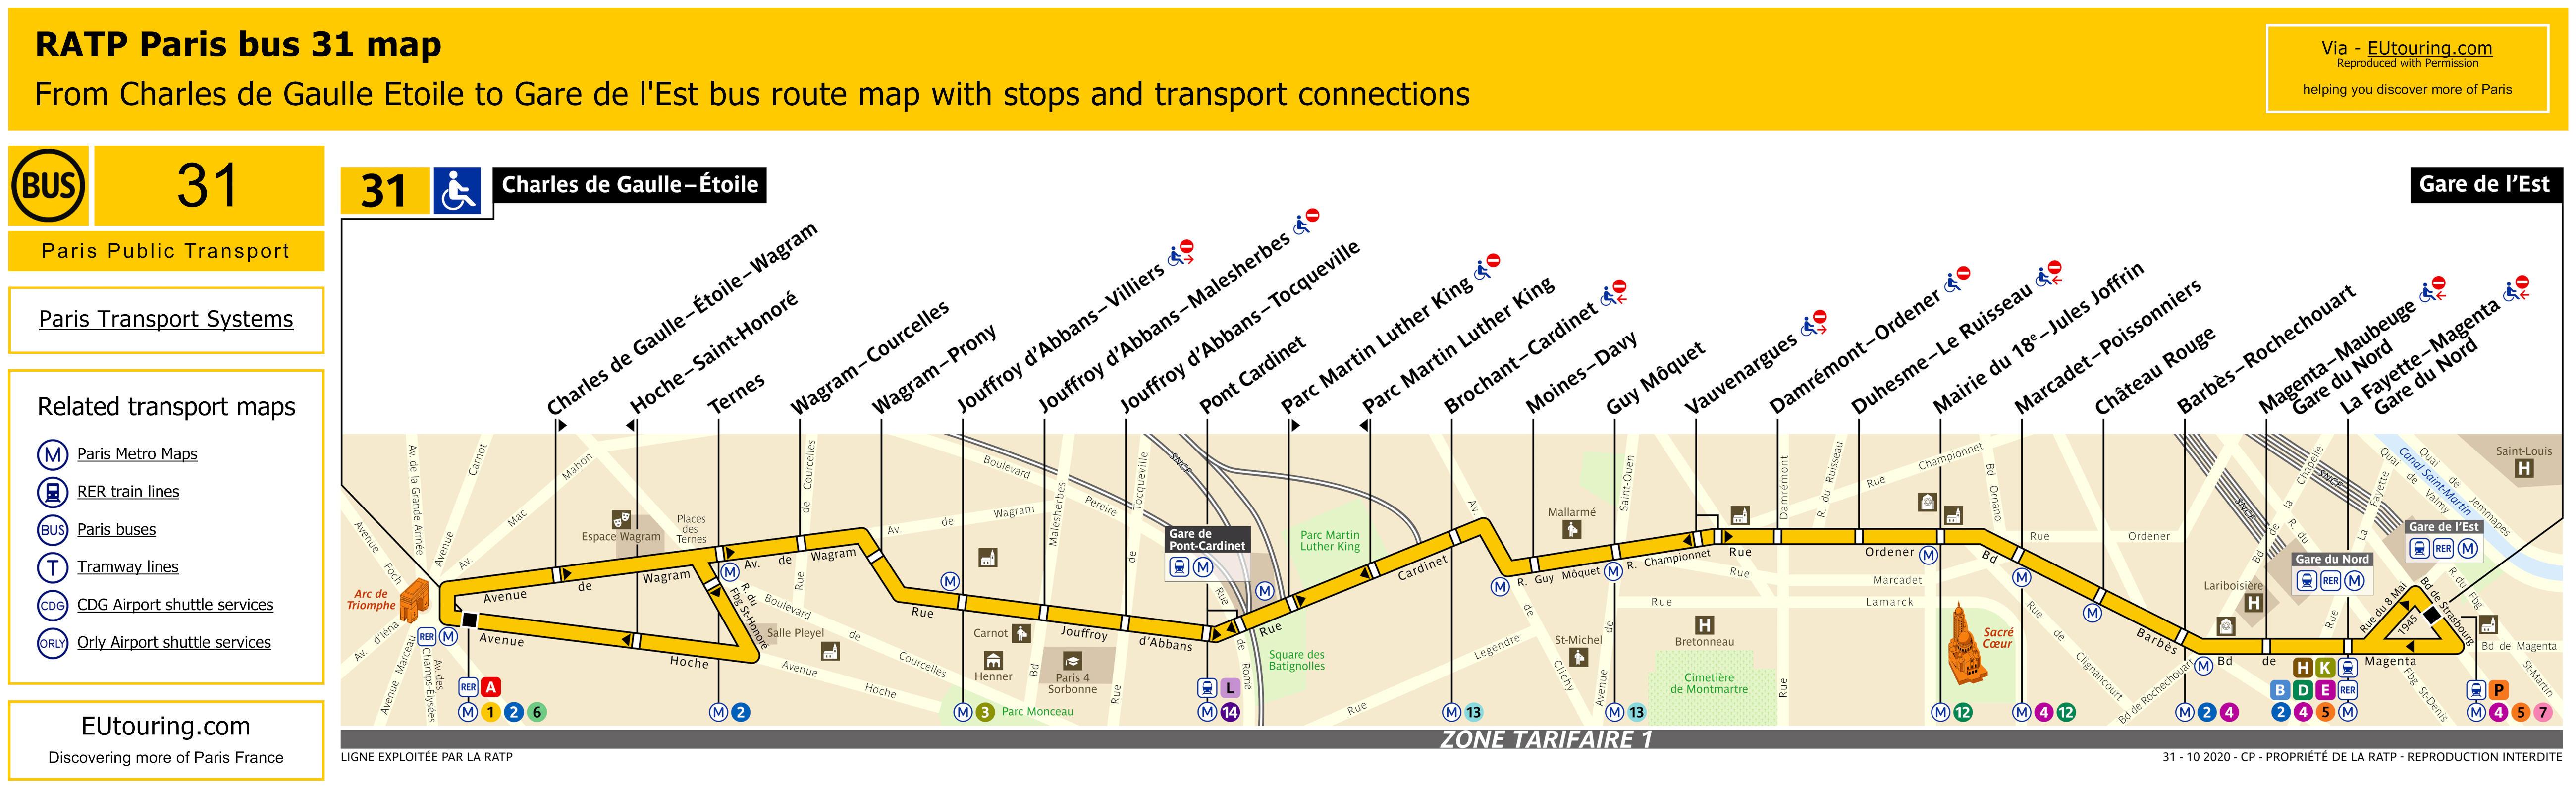 RATP route maps, timetables for Paris bus lines 30 to 39